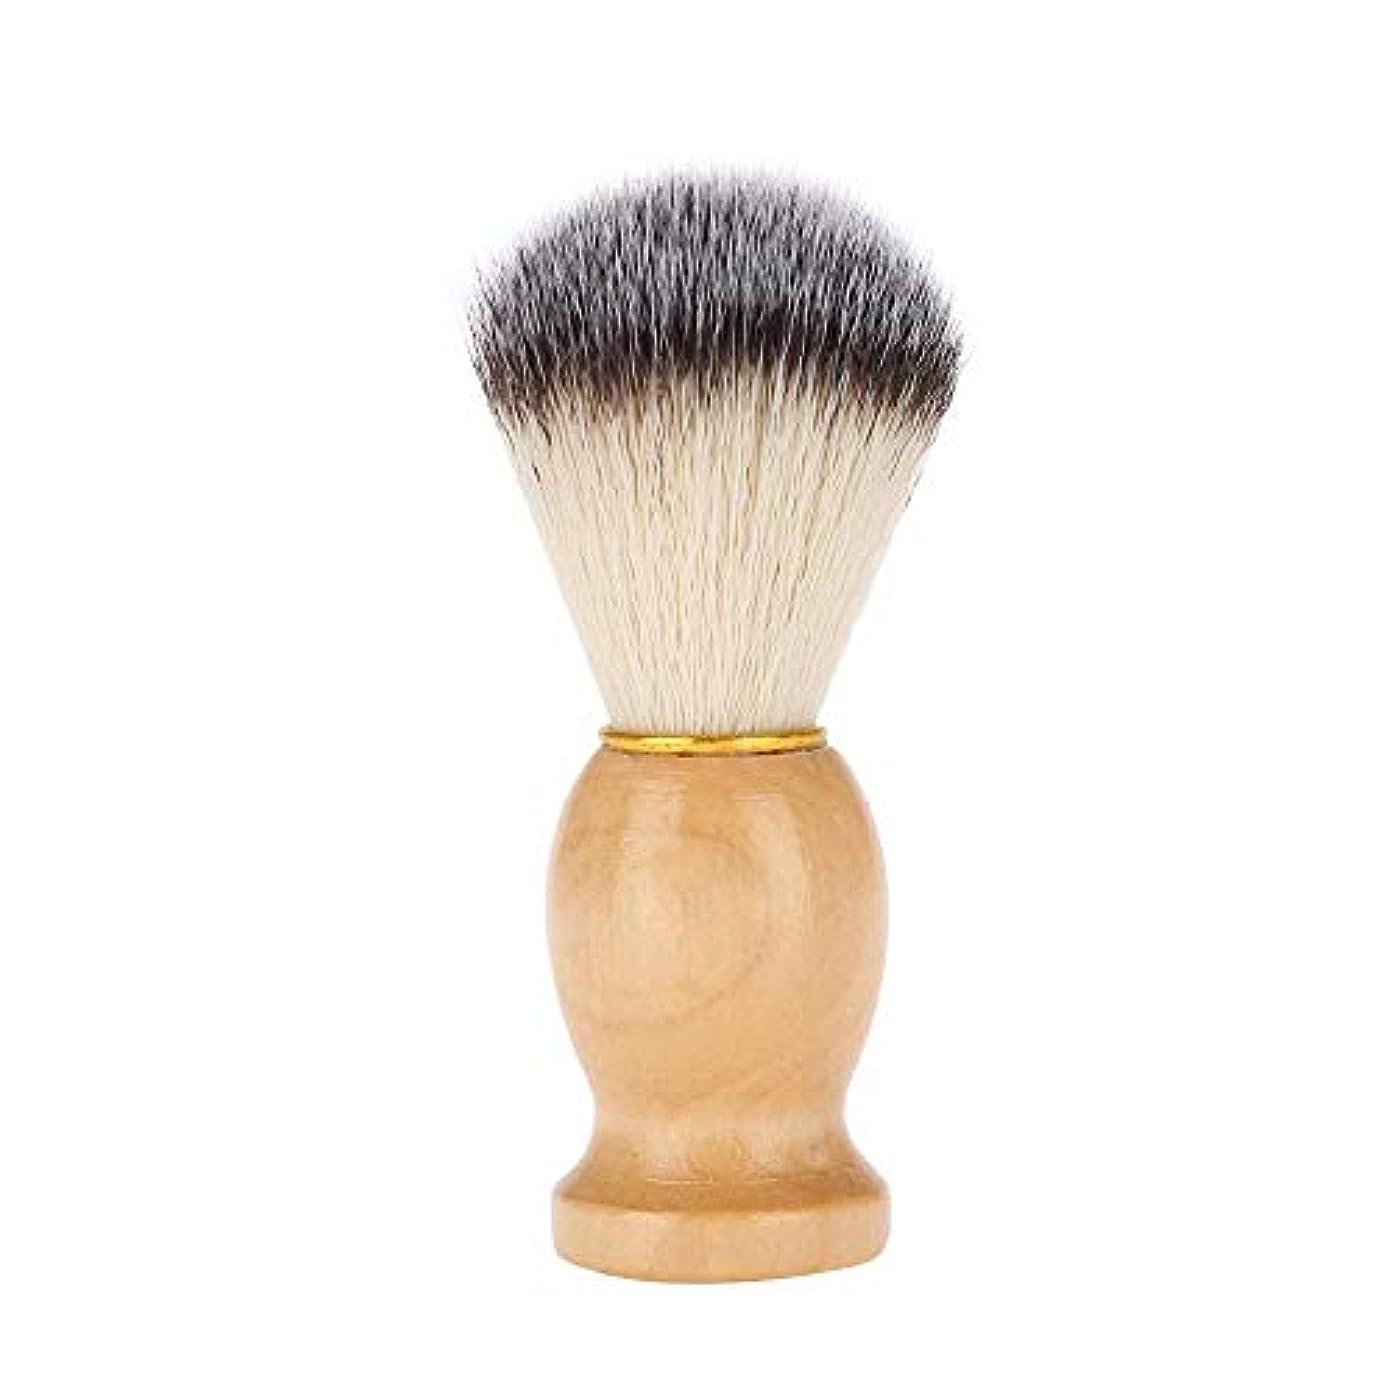 破壊的マティス幻滅シェービングブラシ、髭清掃美容カバー  理髪ブラシ メンズグルーミングツー ル ひげ剃りブラシ メイクアップバーバーサロン 家庭用 旅行用 男性 贈り物